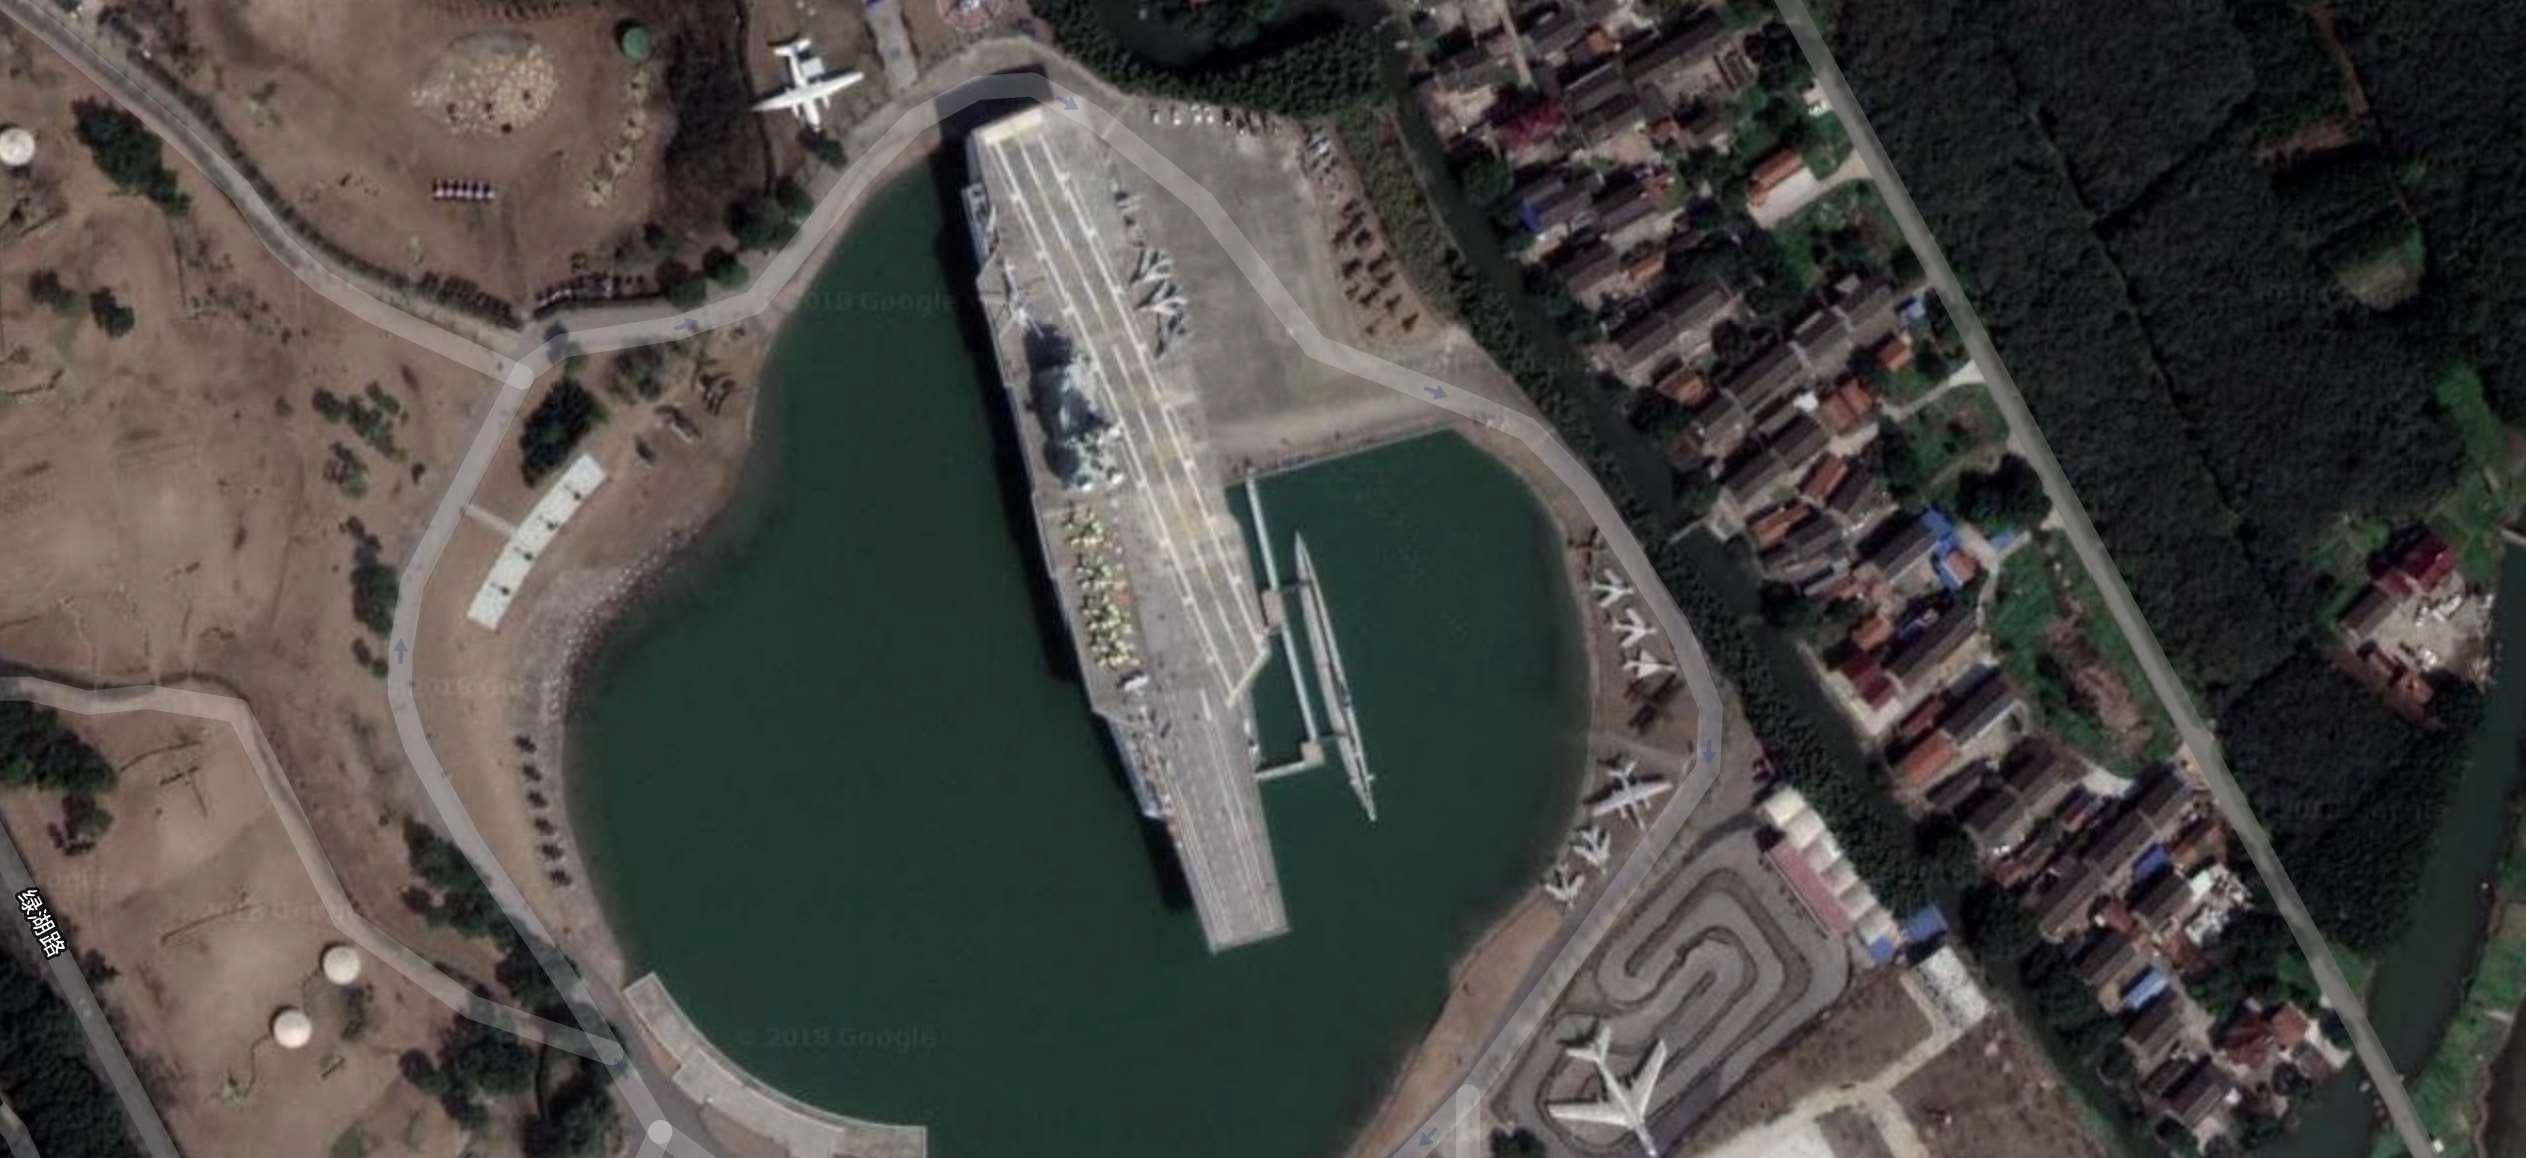 6633潜艇-上海东方绿舟-1.jpg